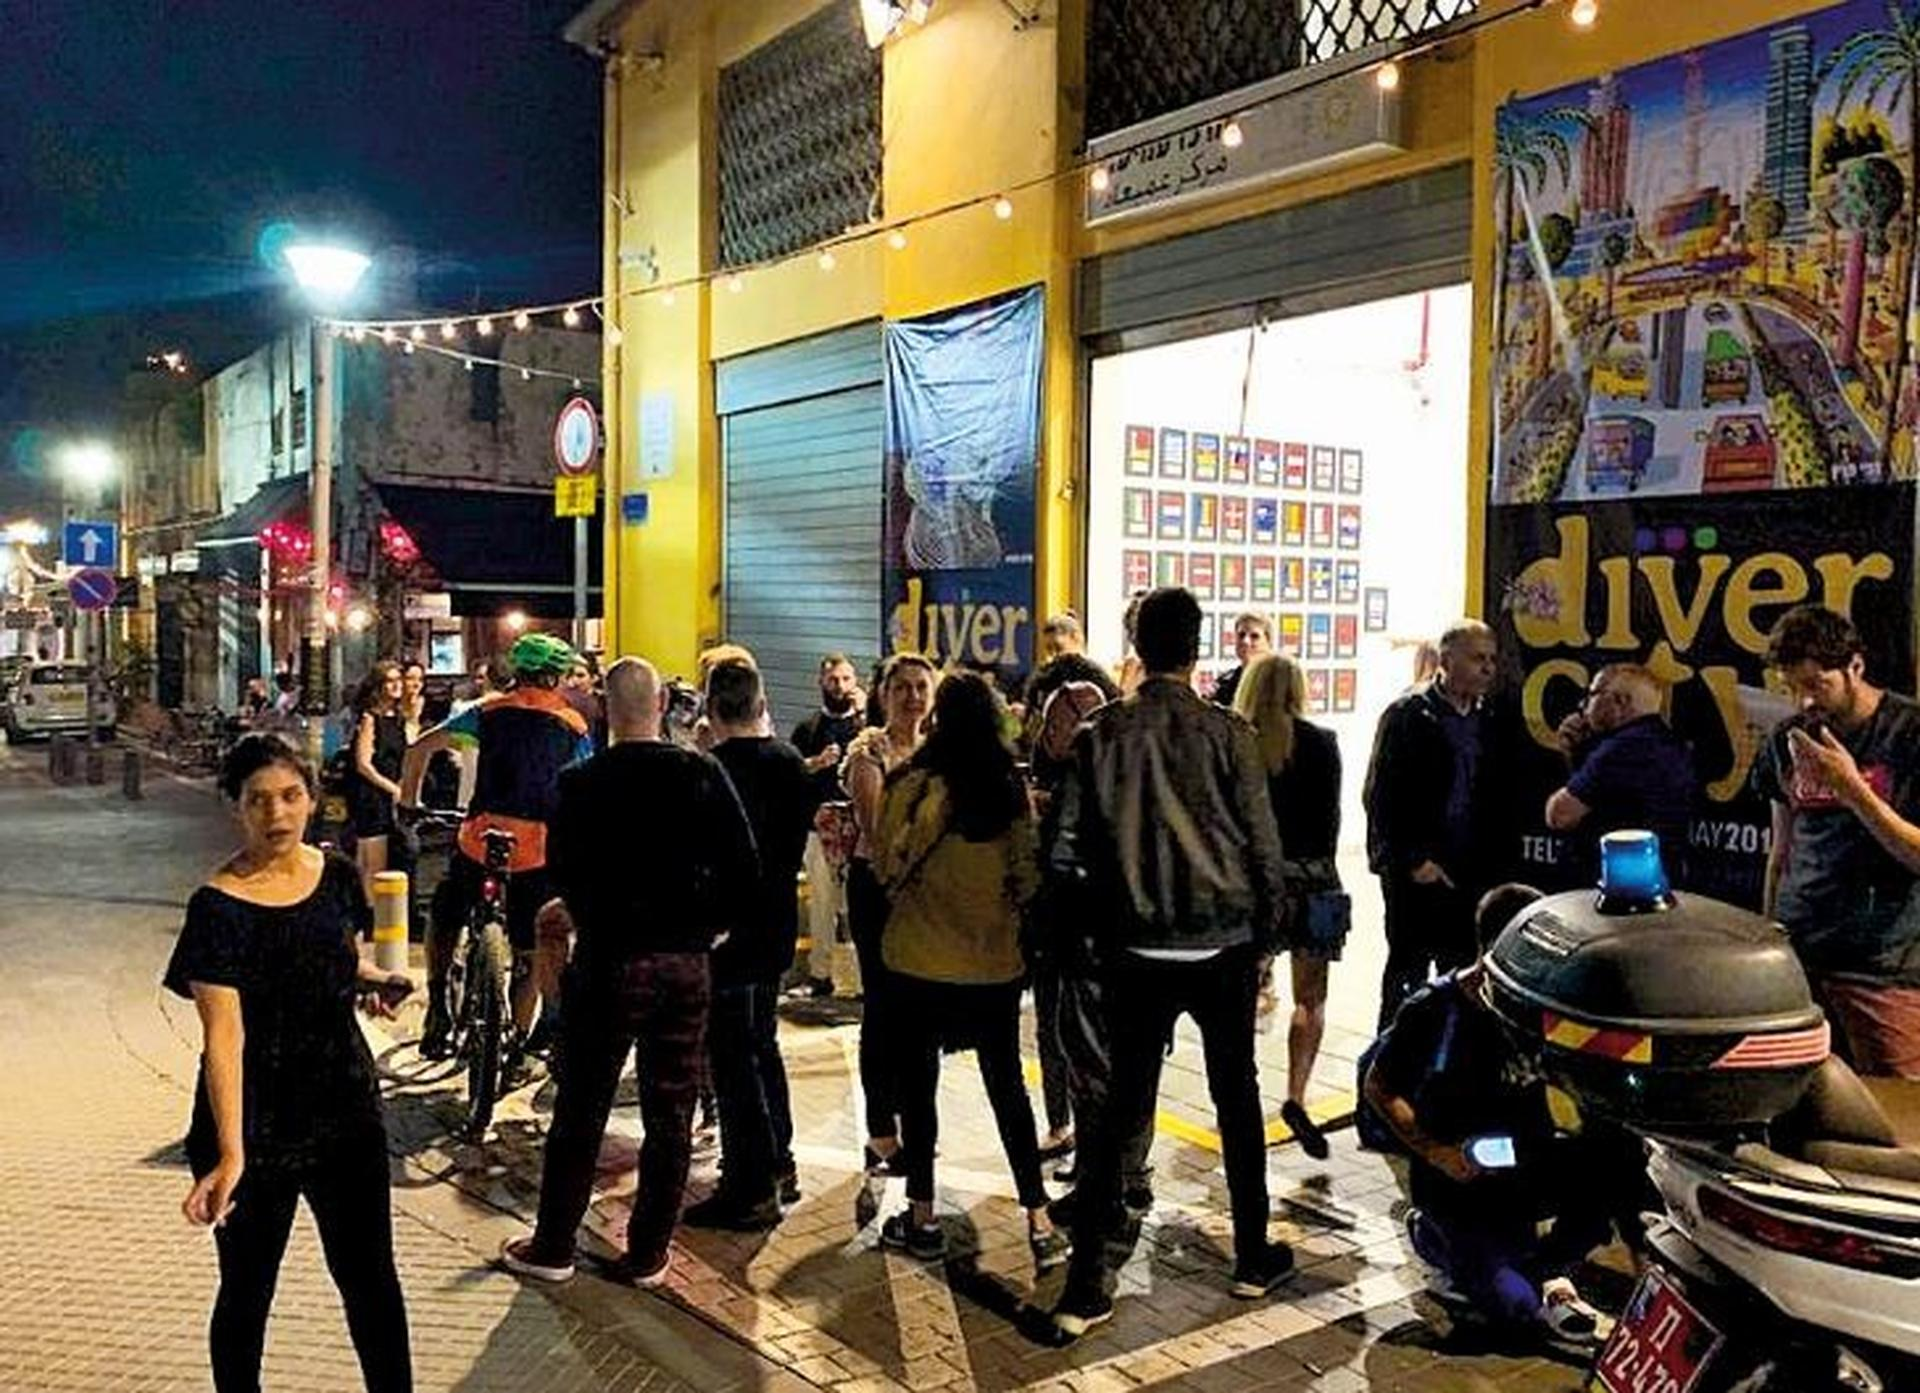 שוק הפשפשים. חשיפה לאמנים, אטרקציה לתיירים   צילום: עיריית תל אביב